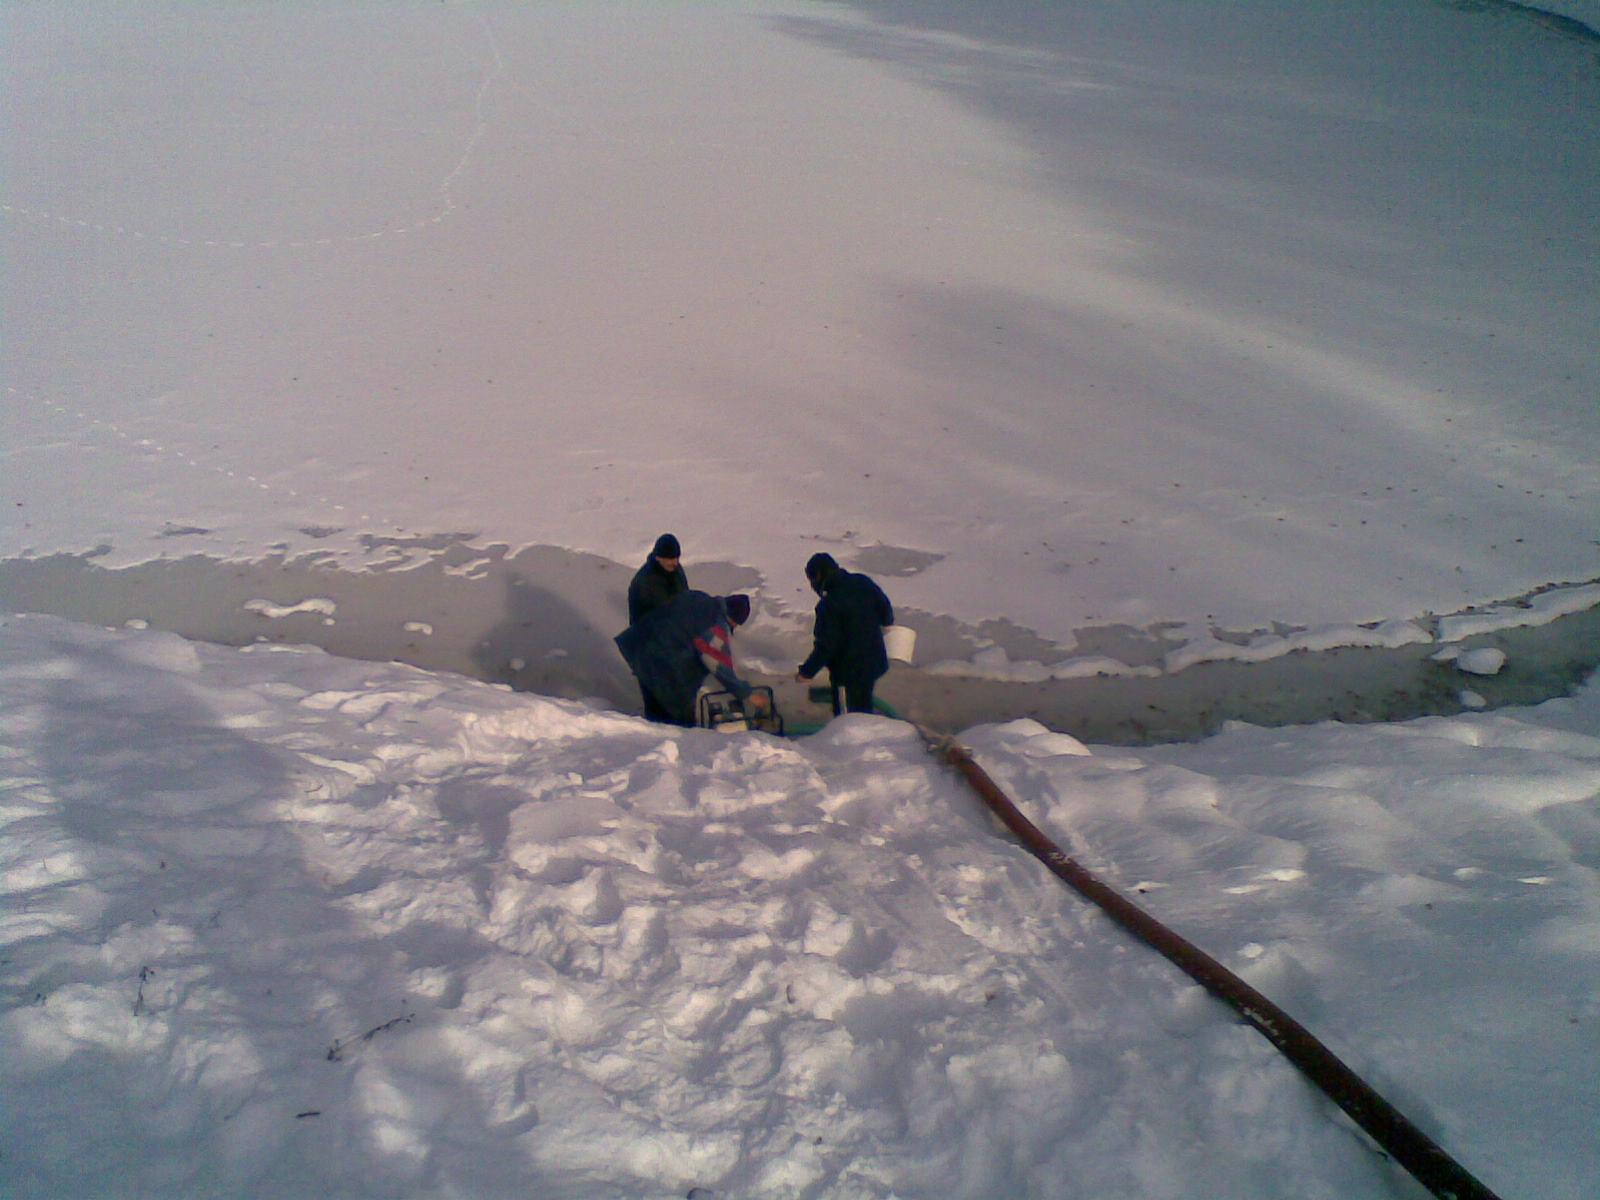 Lac transformat in patinoar. Apa nu a mai ajuns la robinetele oamenilor